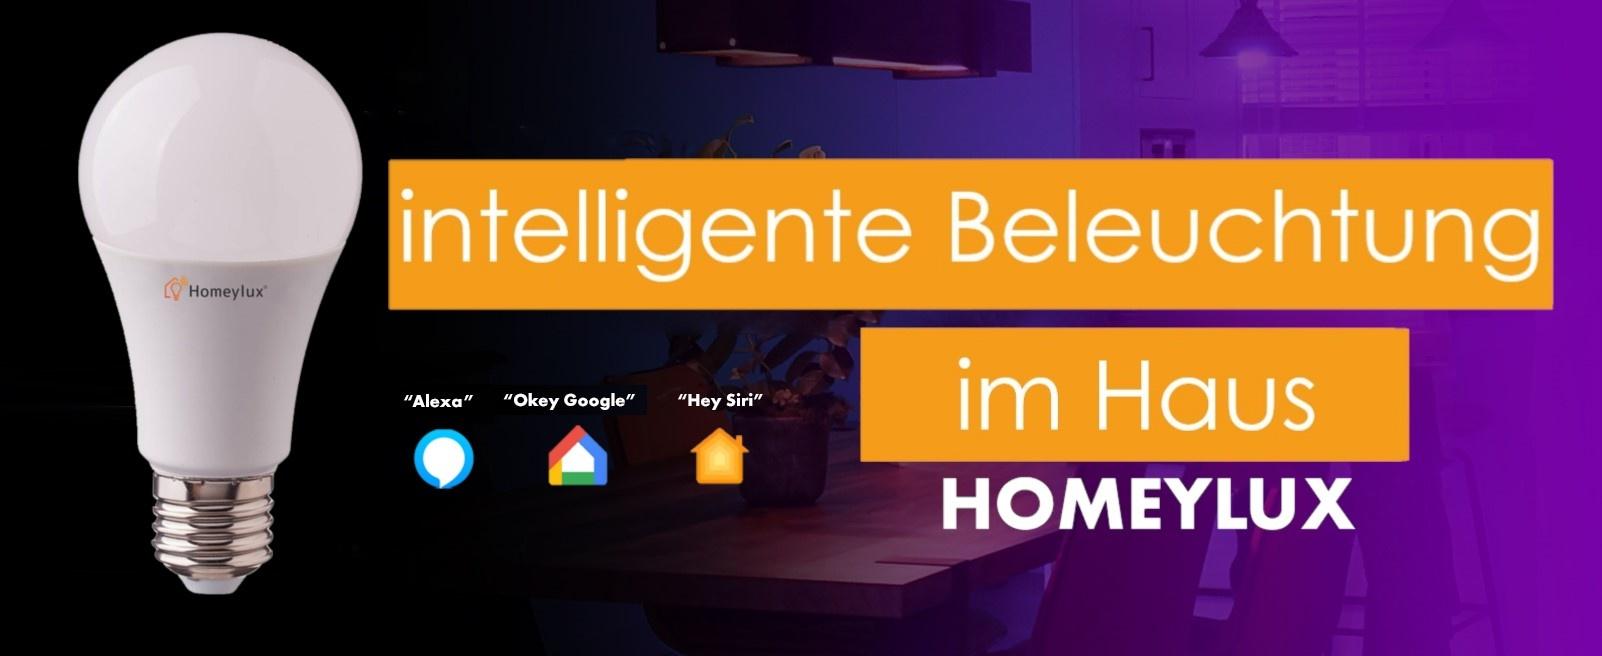 Intelligente Beleuchtung im Haus